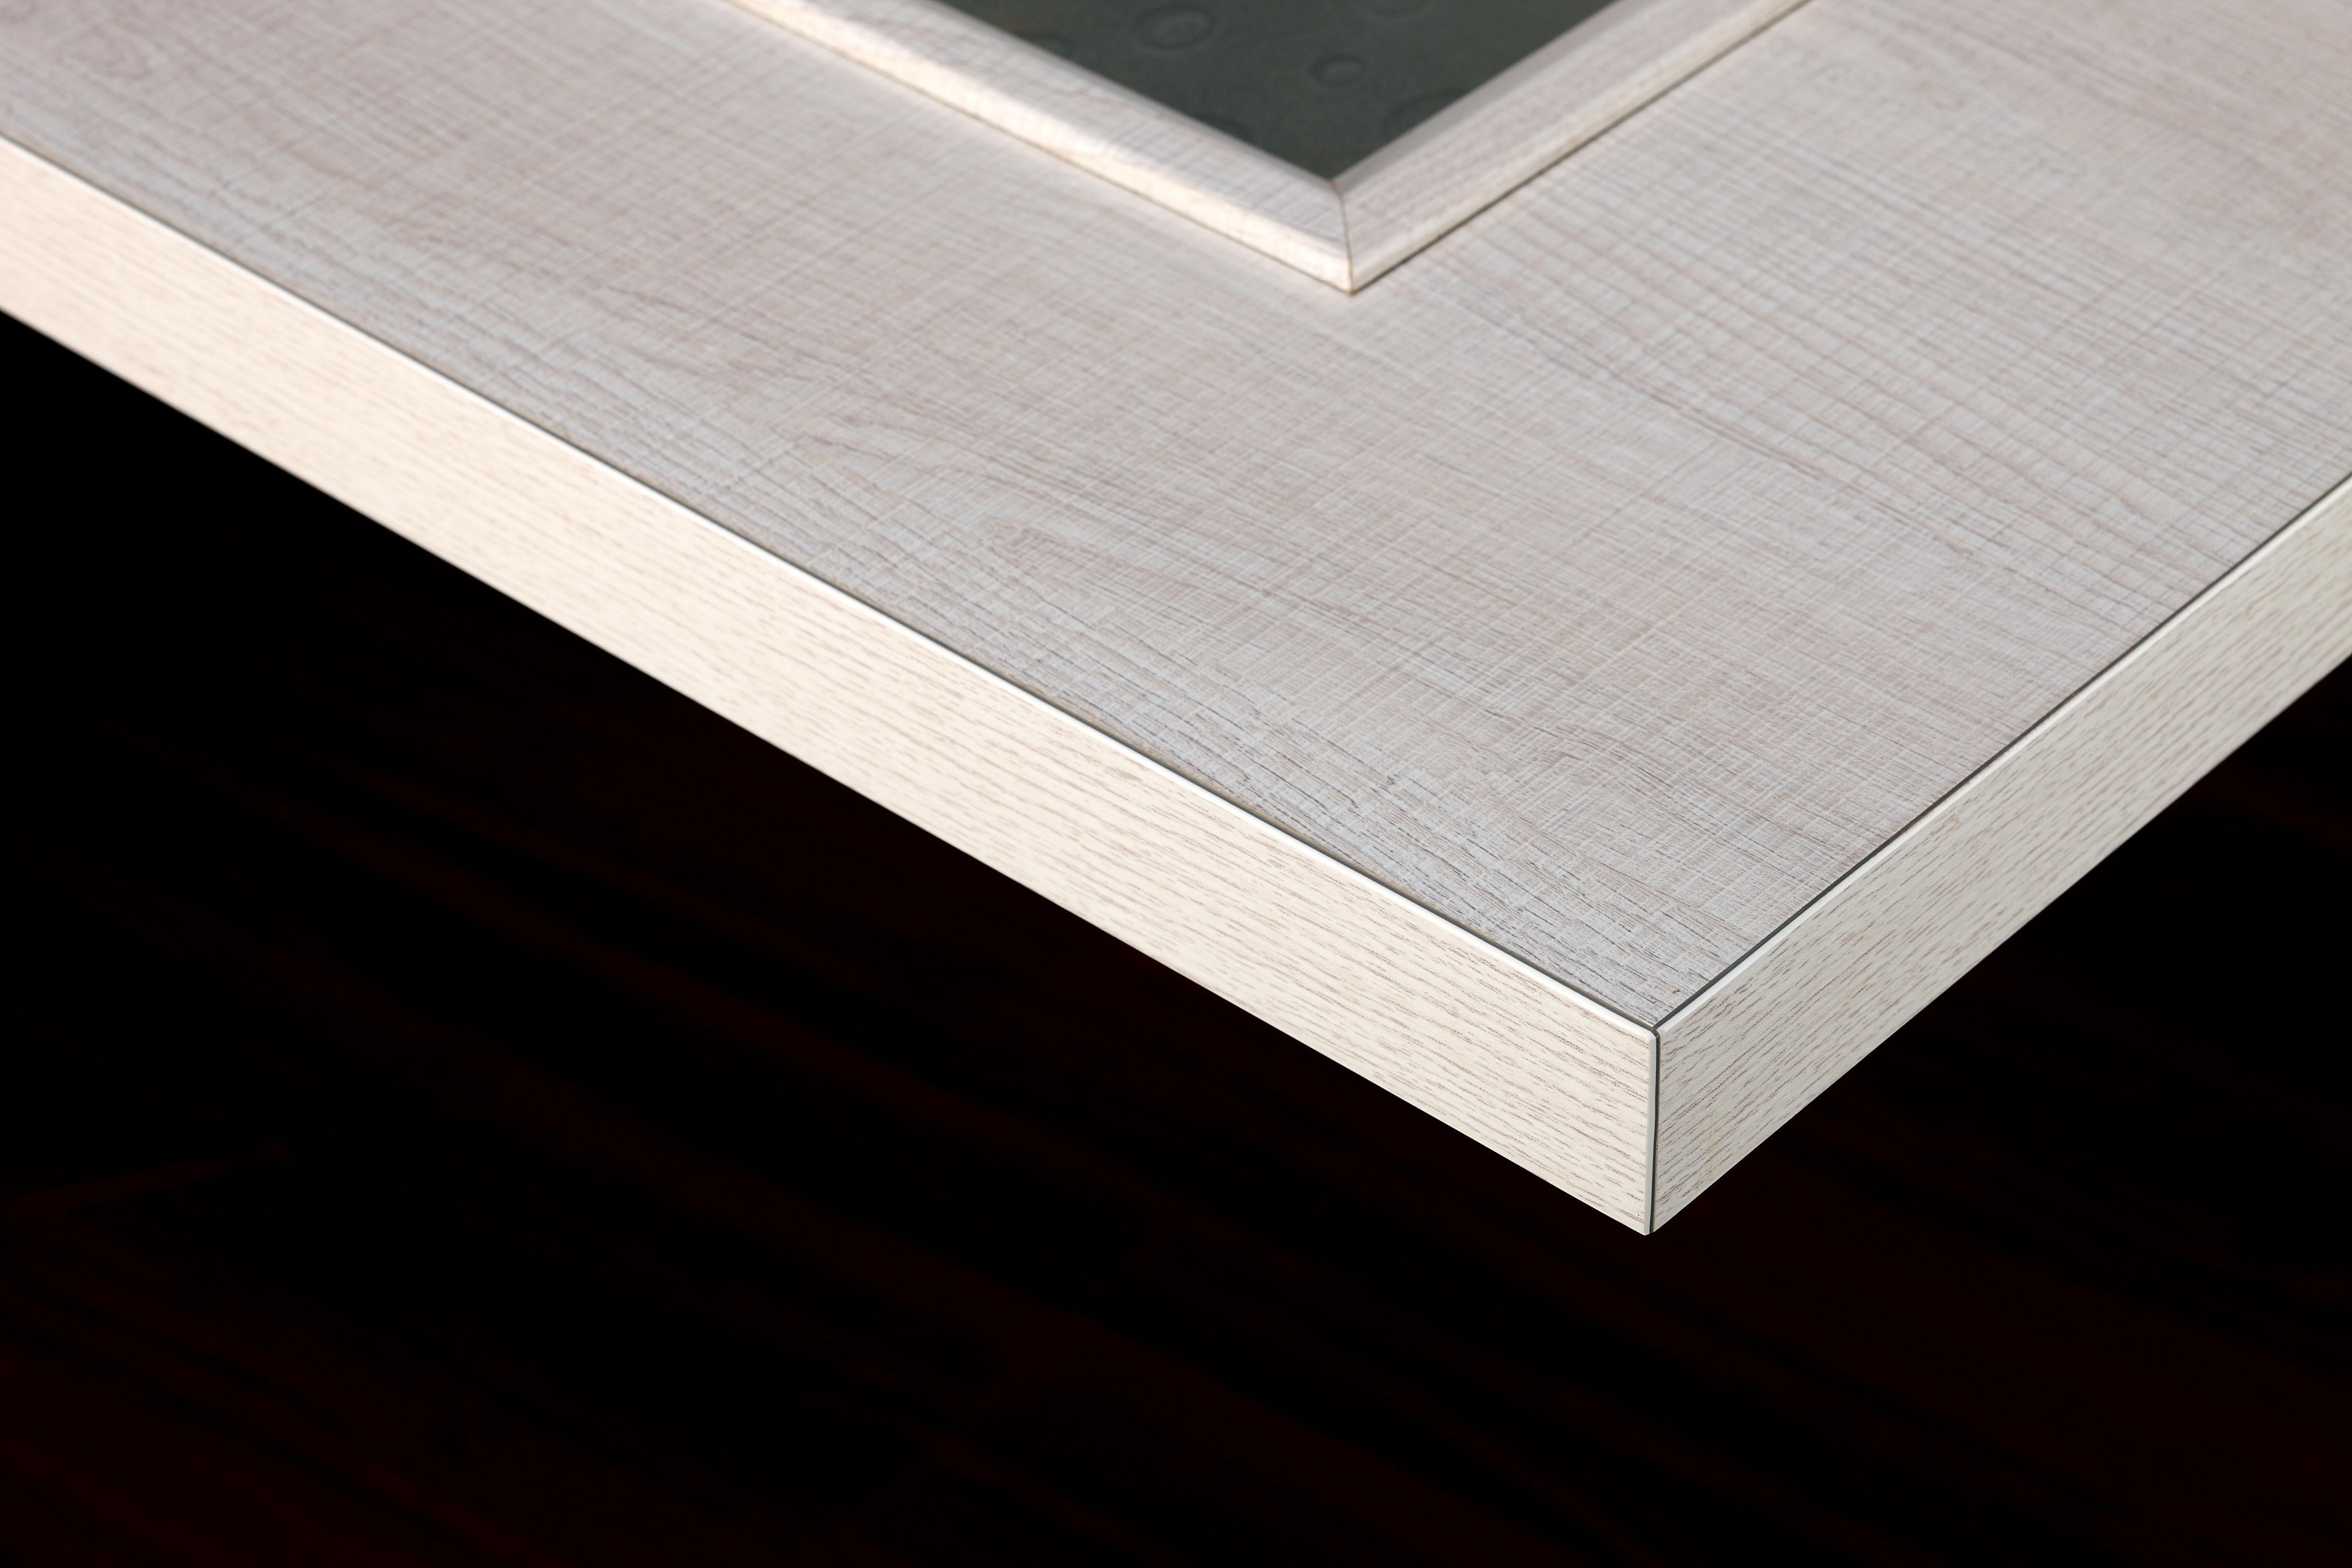 如何更好的防止门开裂?派的门平板门360°封边帮你解决